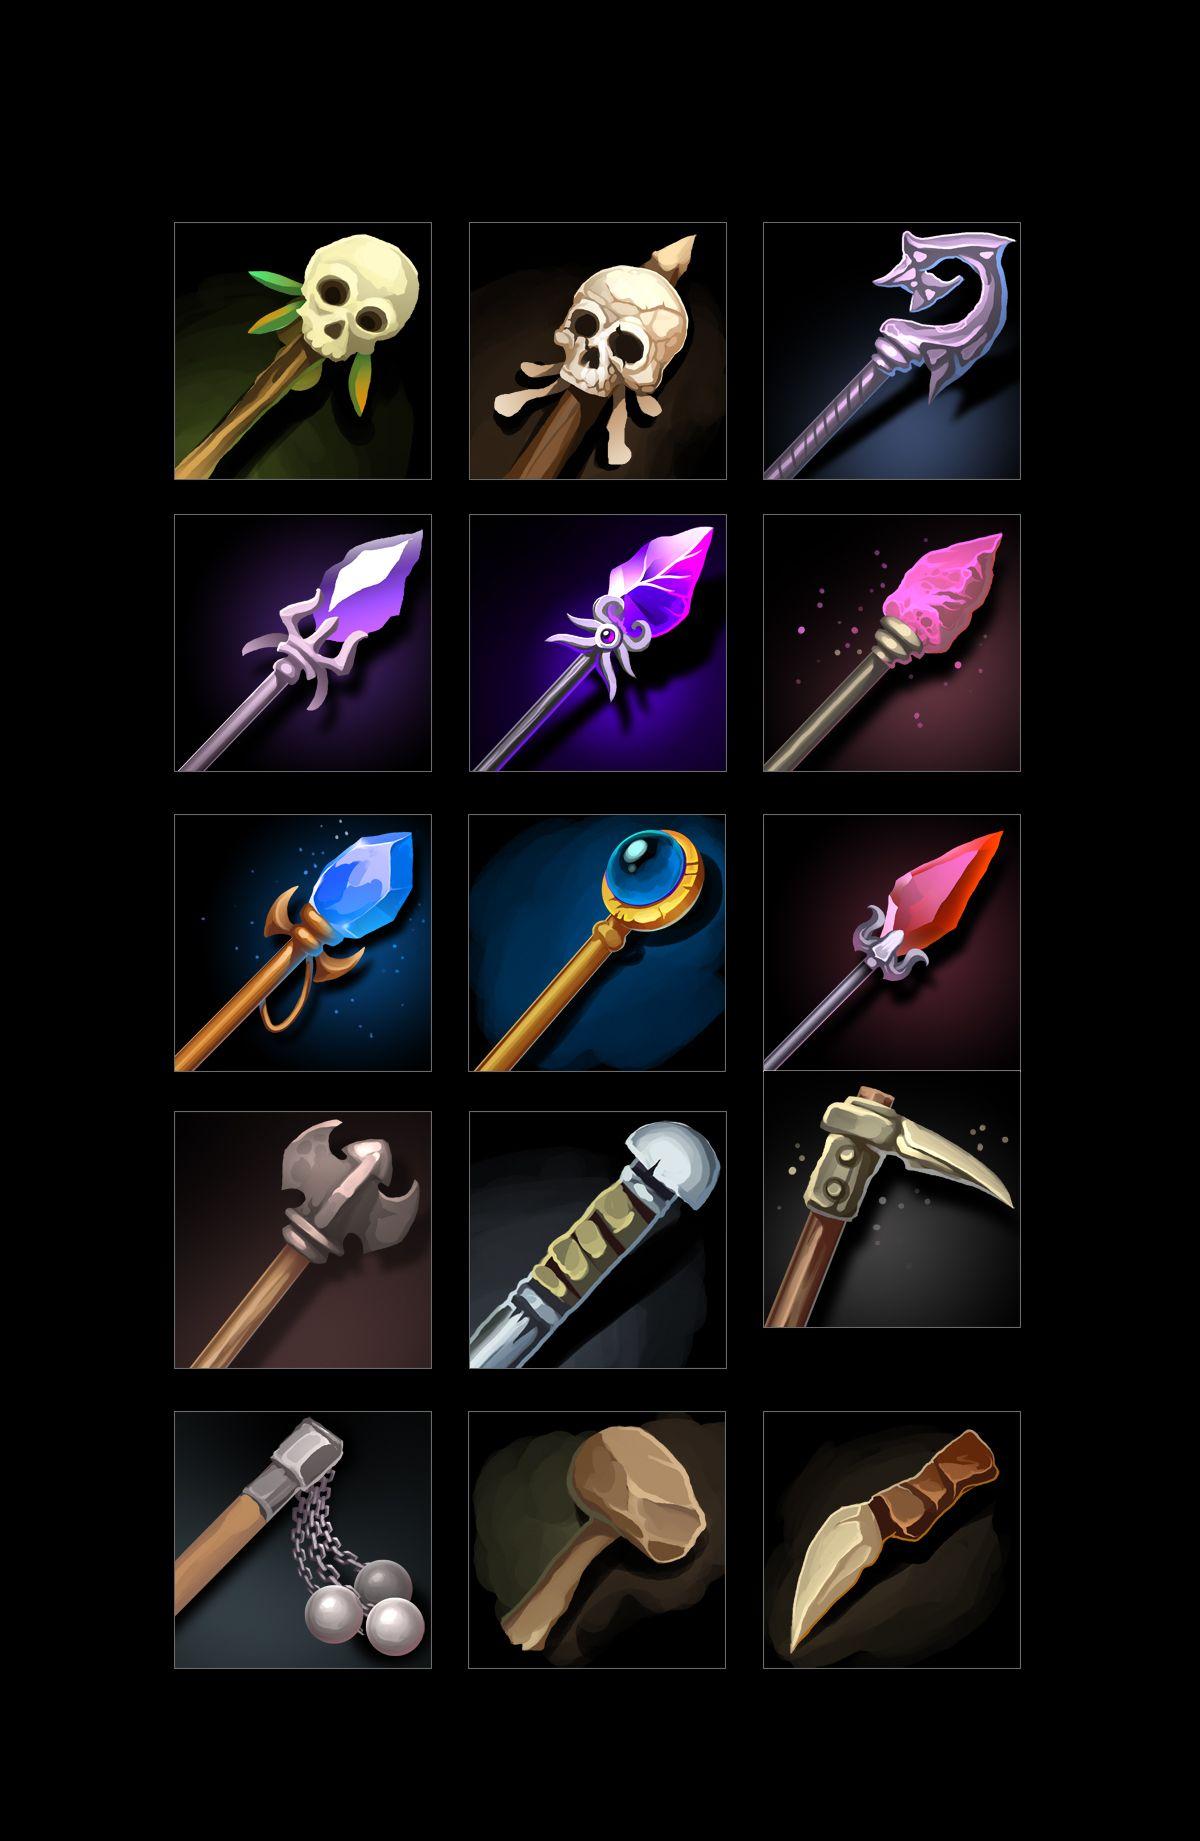 RPG Weapon Icons в 2020 г Иконки, Игры